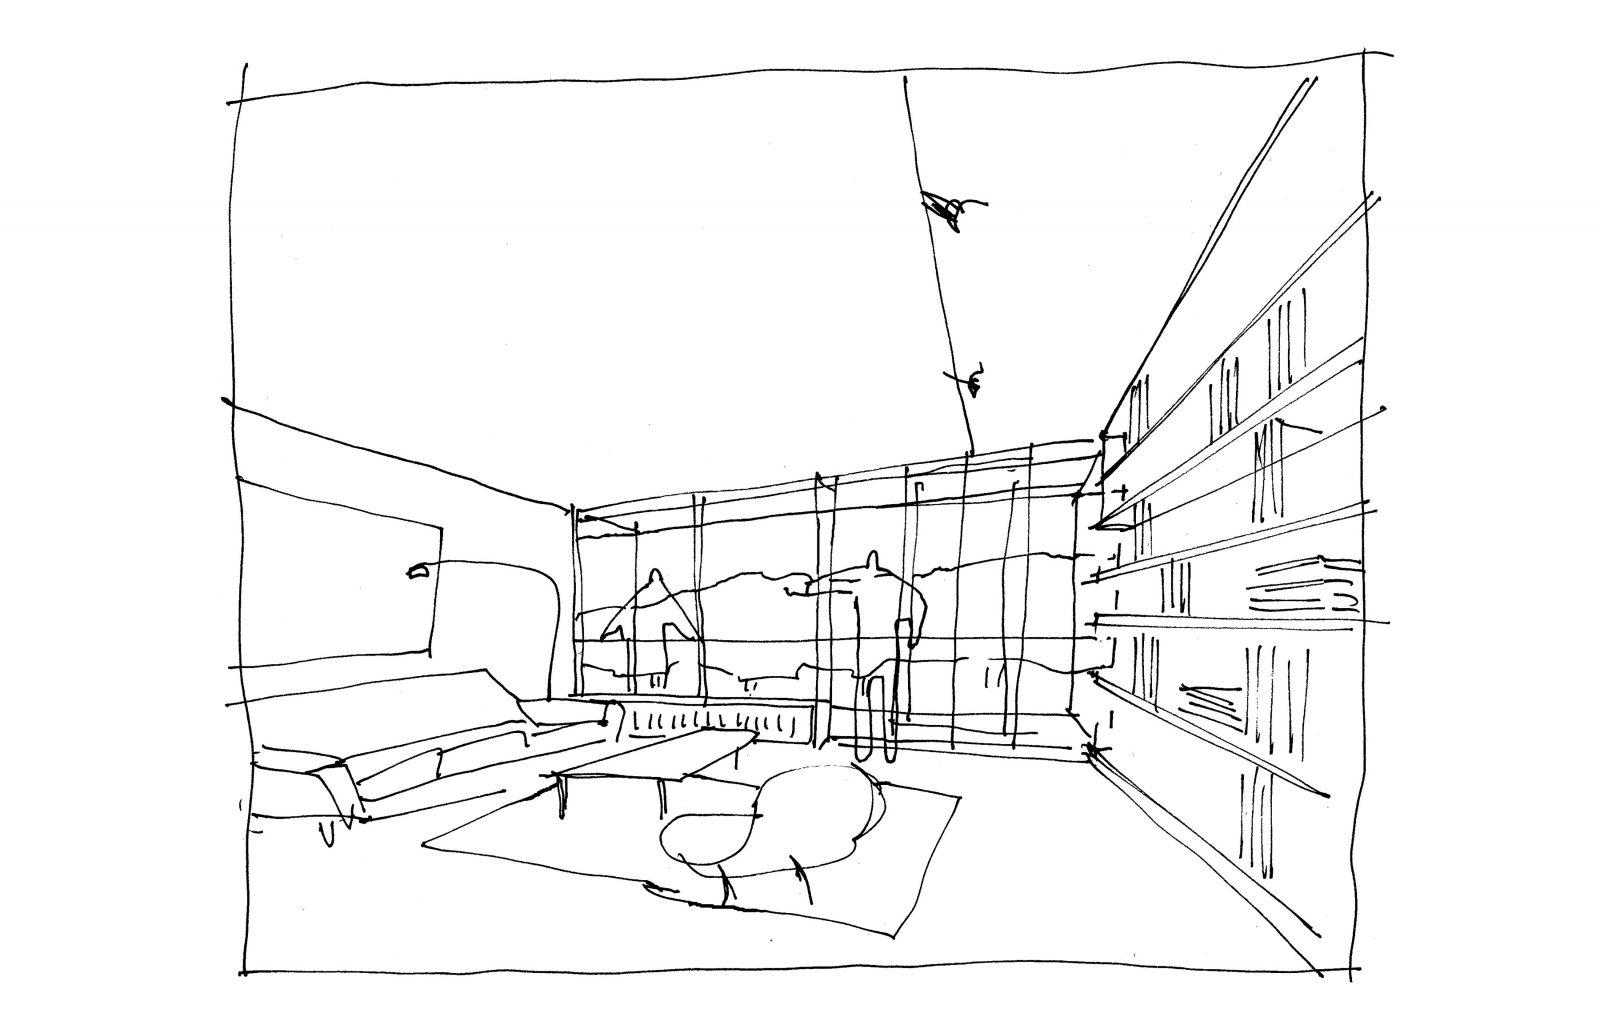 KjellanderSjoberg Stora-Katrineberg sketch02